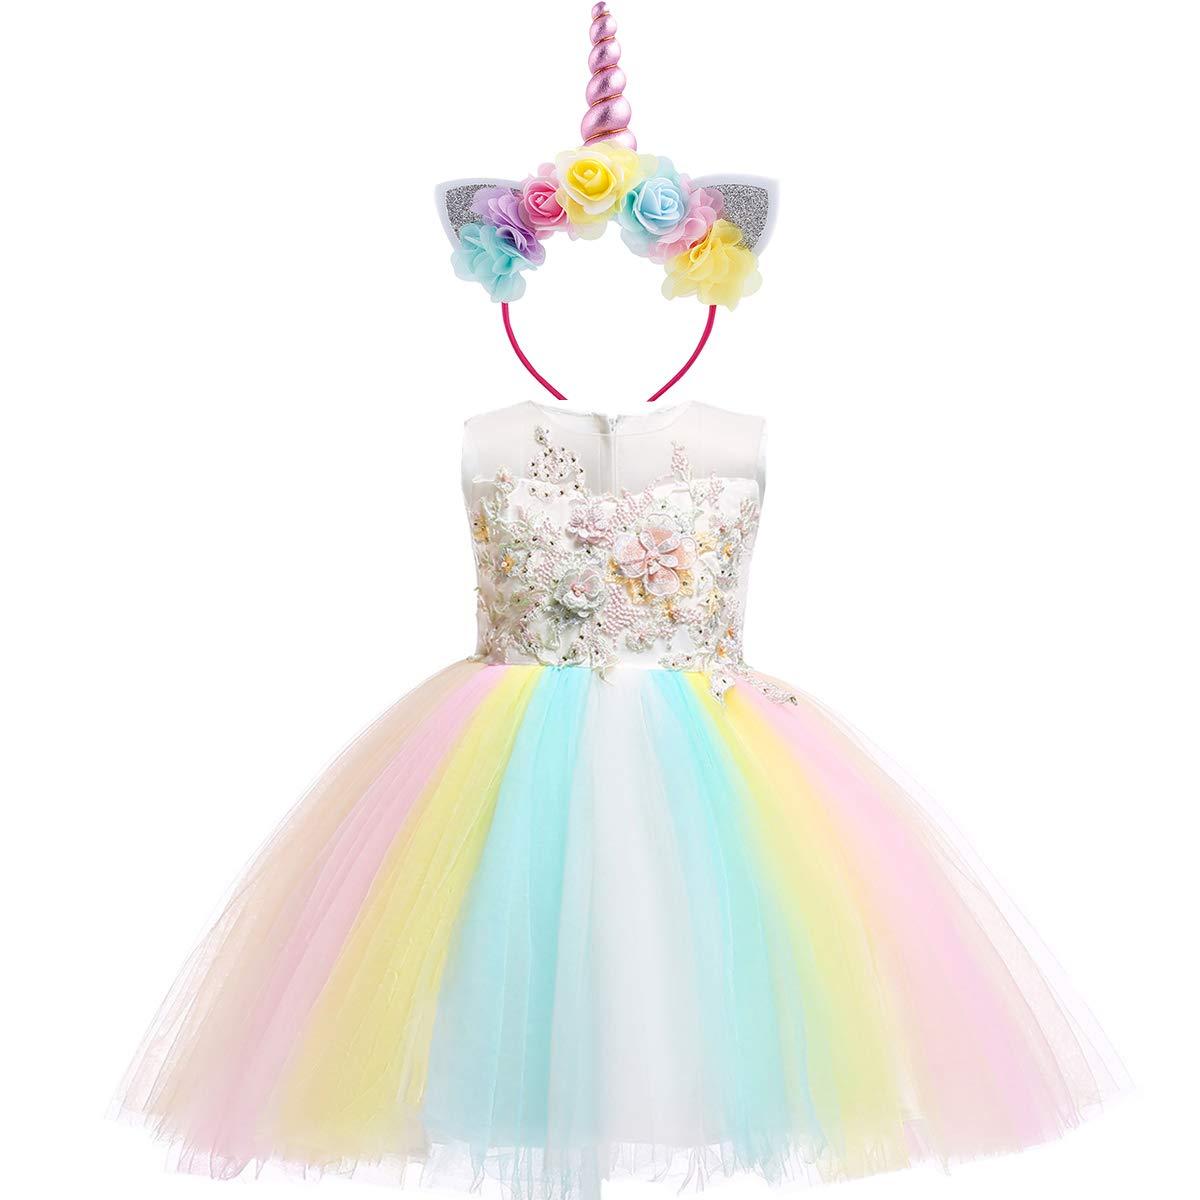 Costume da Unicorno Arcobaleno Vestito Elegante da Fiore Ragazza Tutu  Floreale Principessa Festa Cerimonia Carnevale Compleanno ecfb3922a84